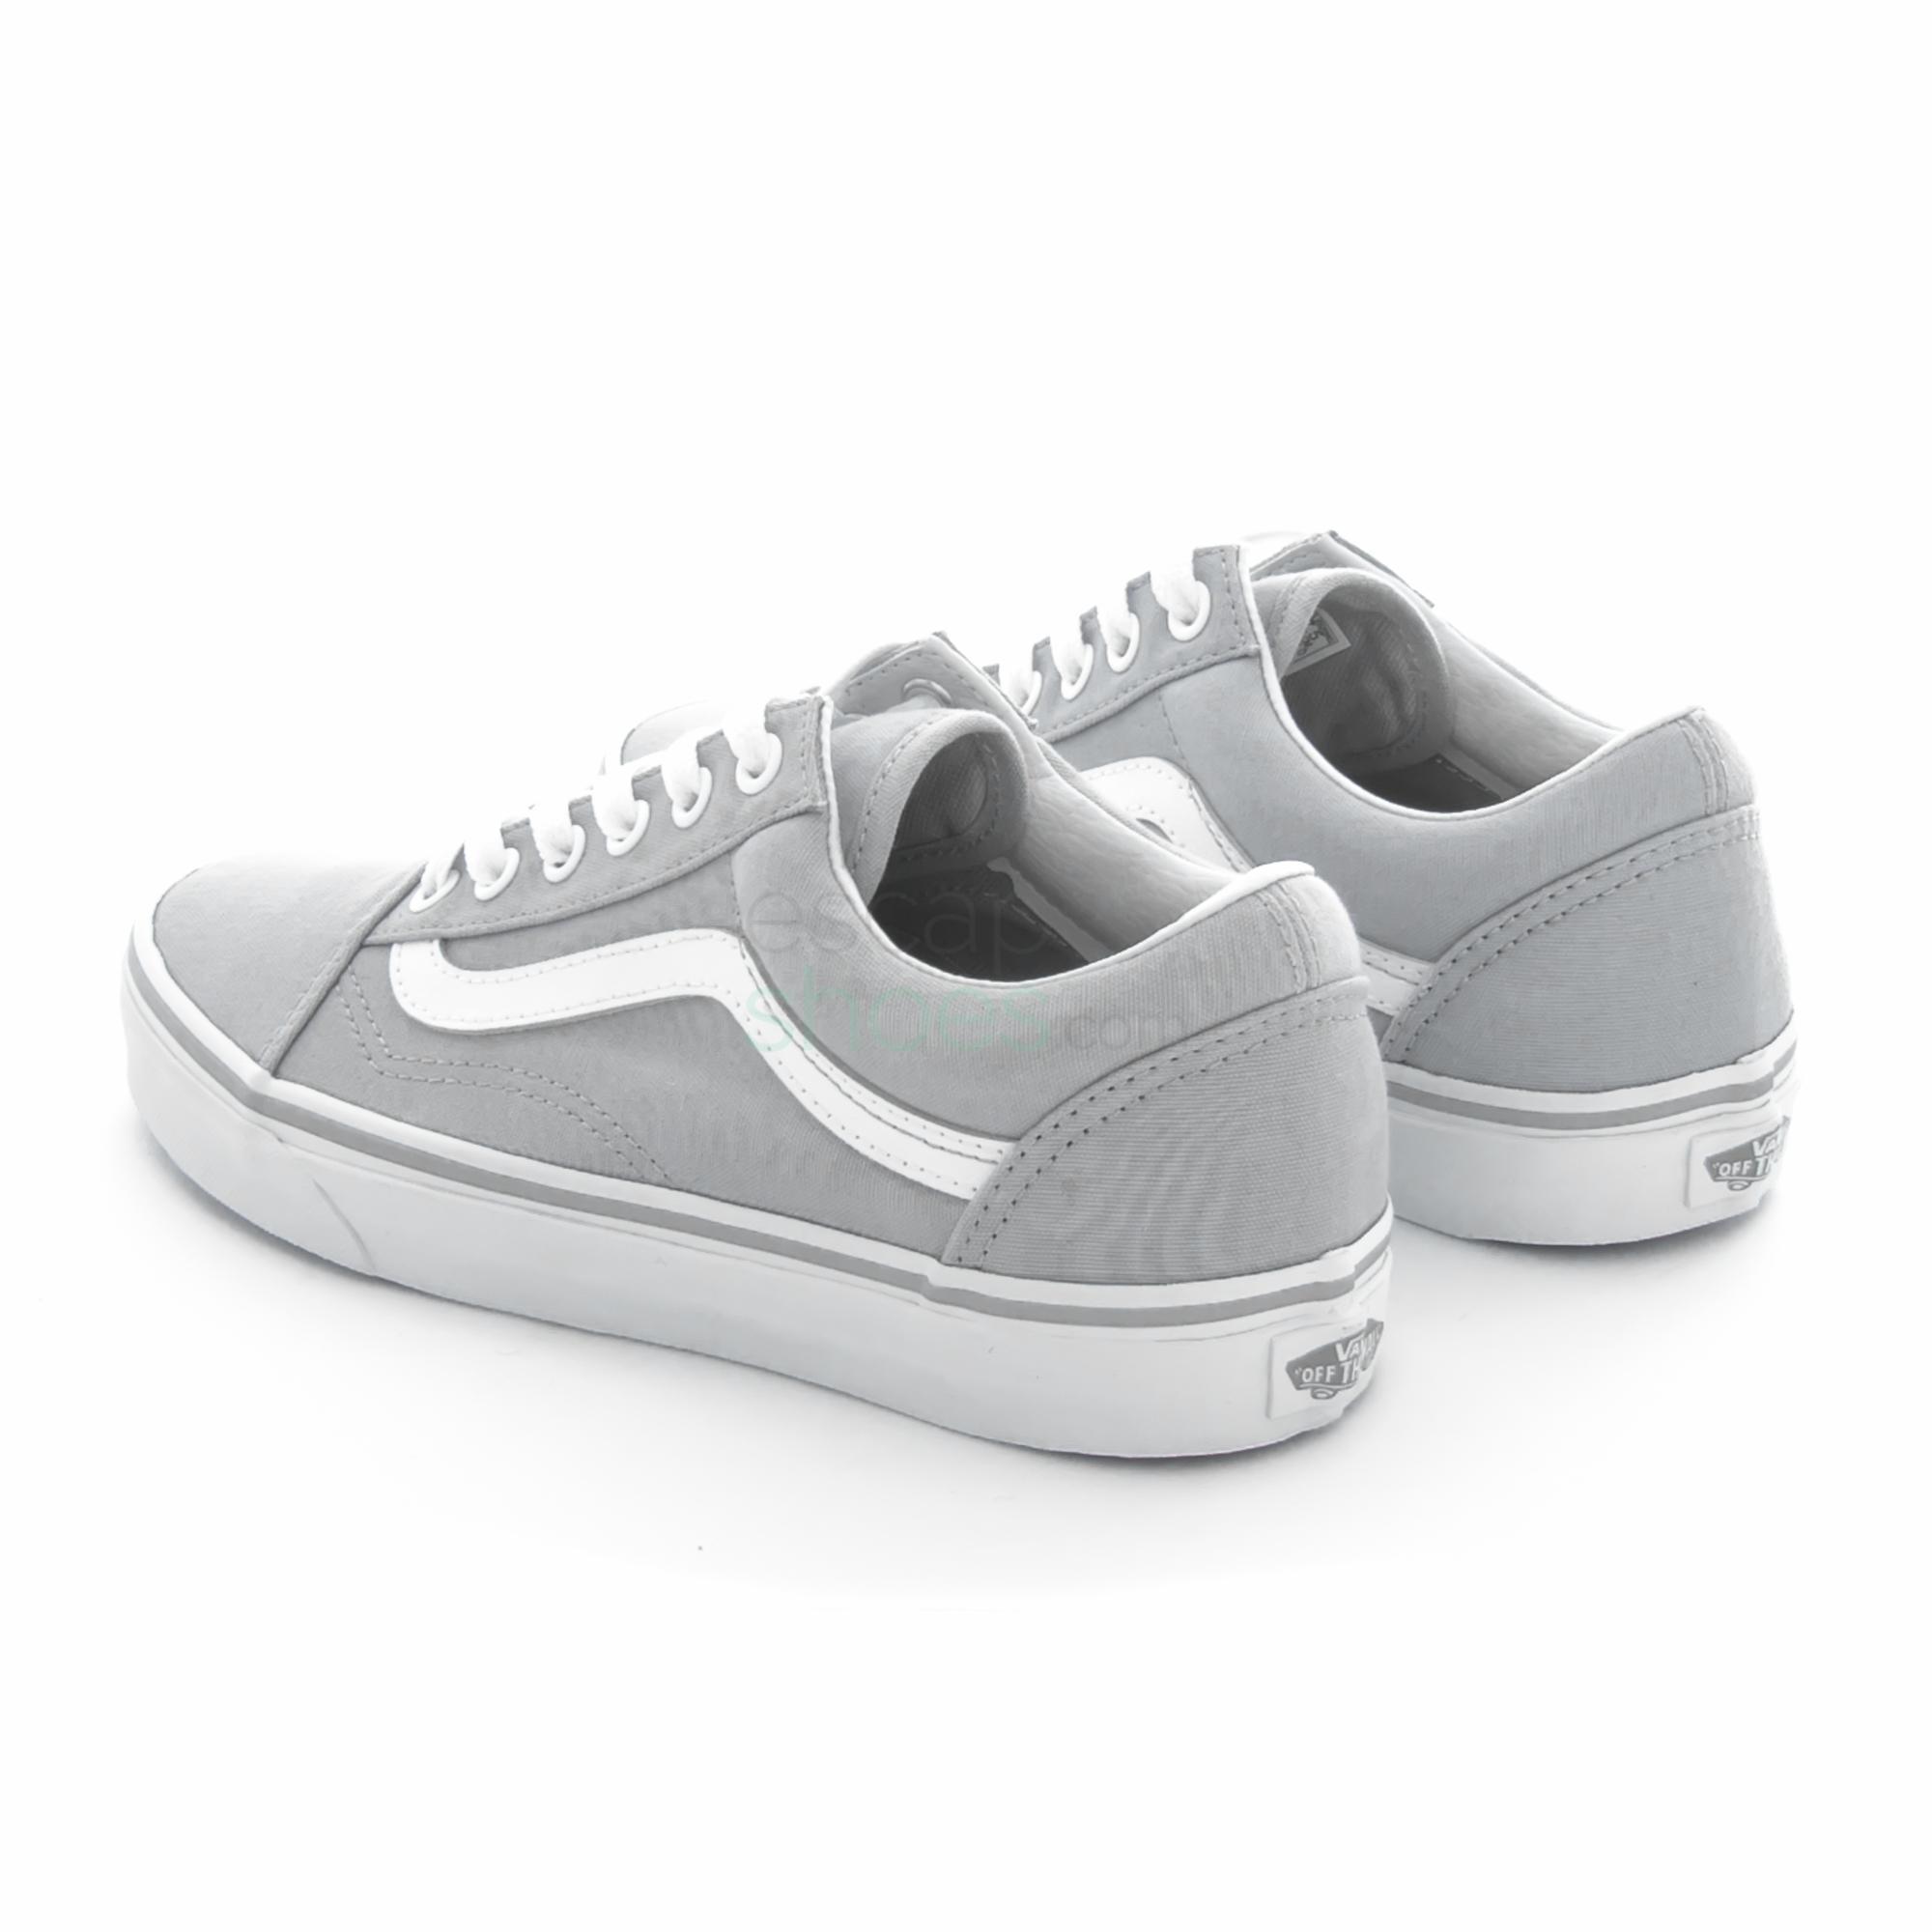 True White Va38g1iyp Sneakers Old Skool Drizzle Vans OkPZiuX